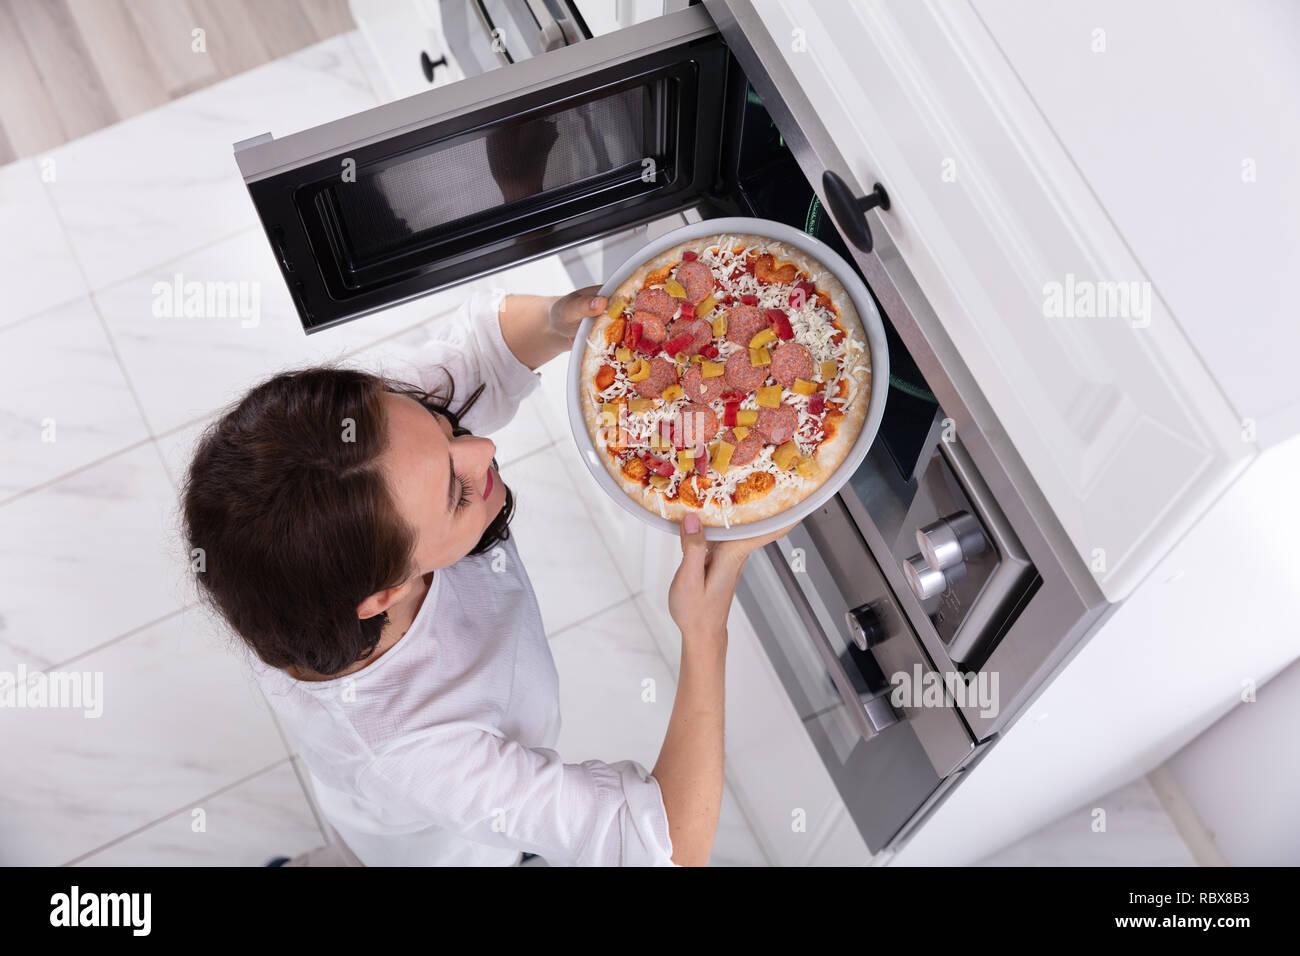 Close Up Eine Gluckliche Frau Backen Pizza In Der Mikrowelle